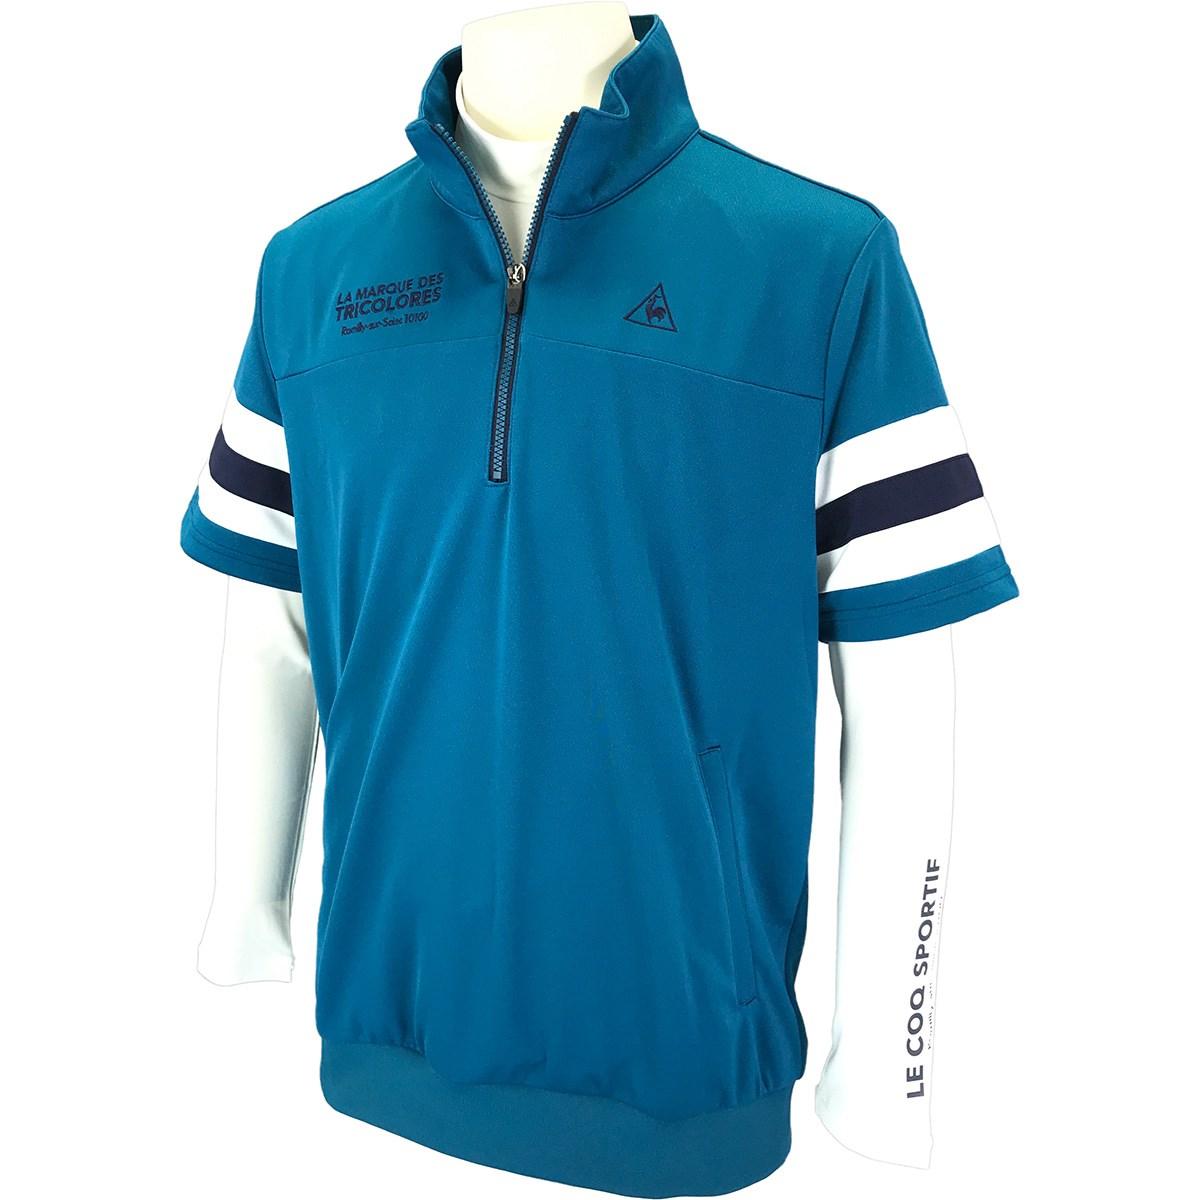 ルコックゴルフ Le coq sportif GOLF 長袖アンダーシャツ付き 半袖シャツ M ブルー 00